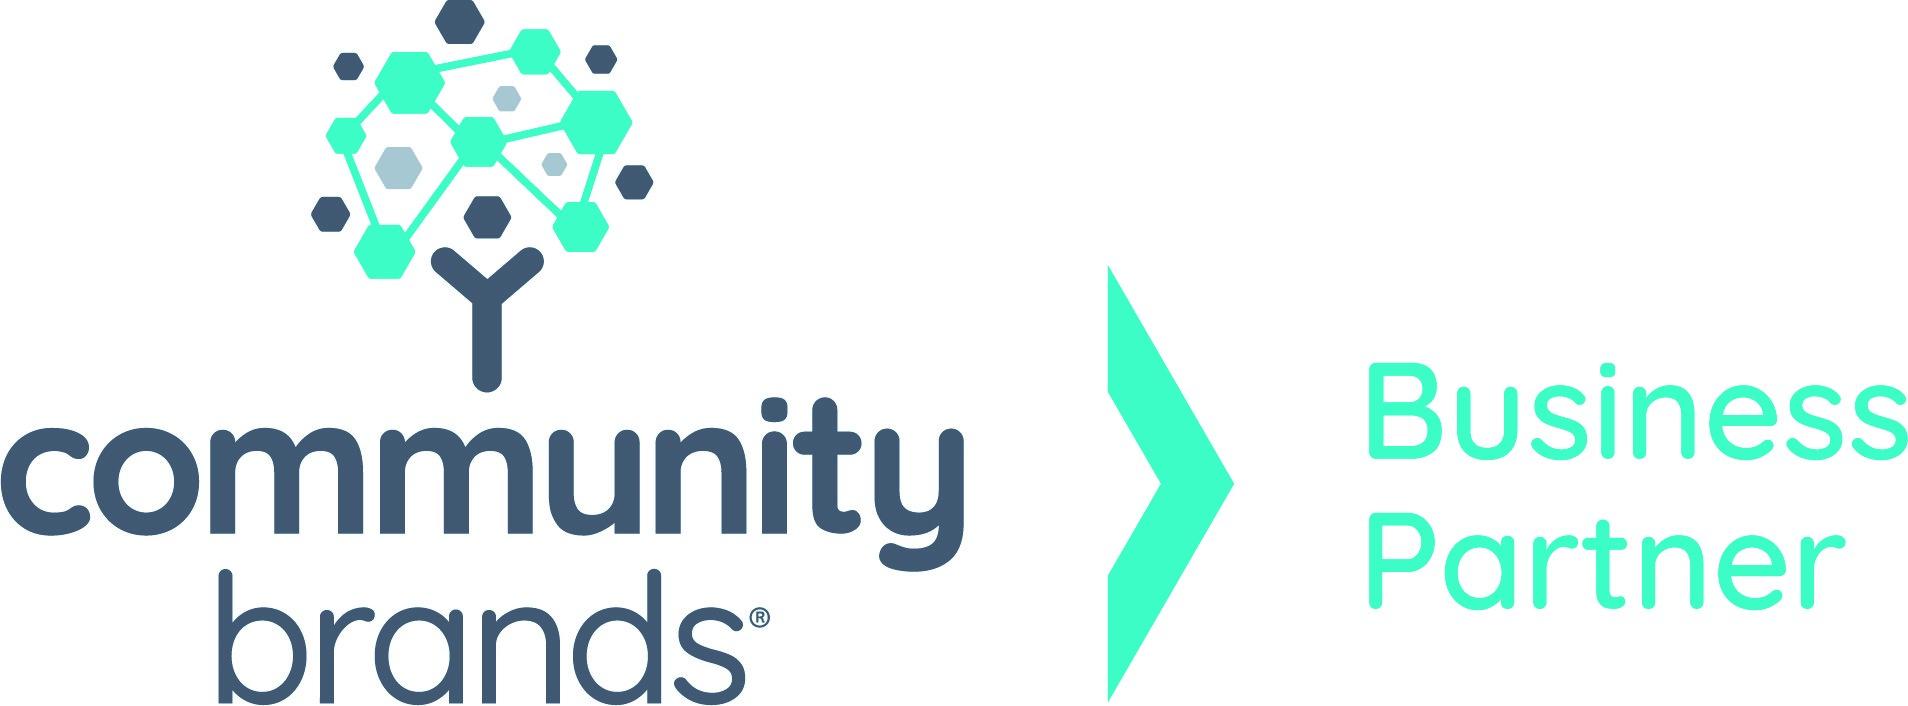 Community Brands Partner